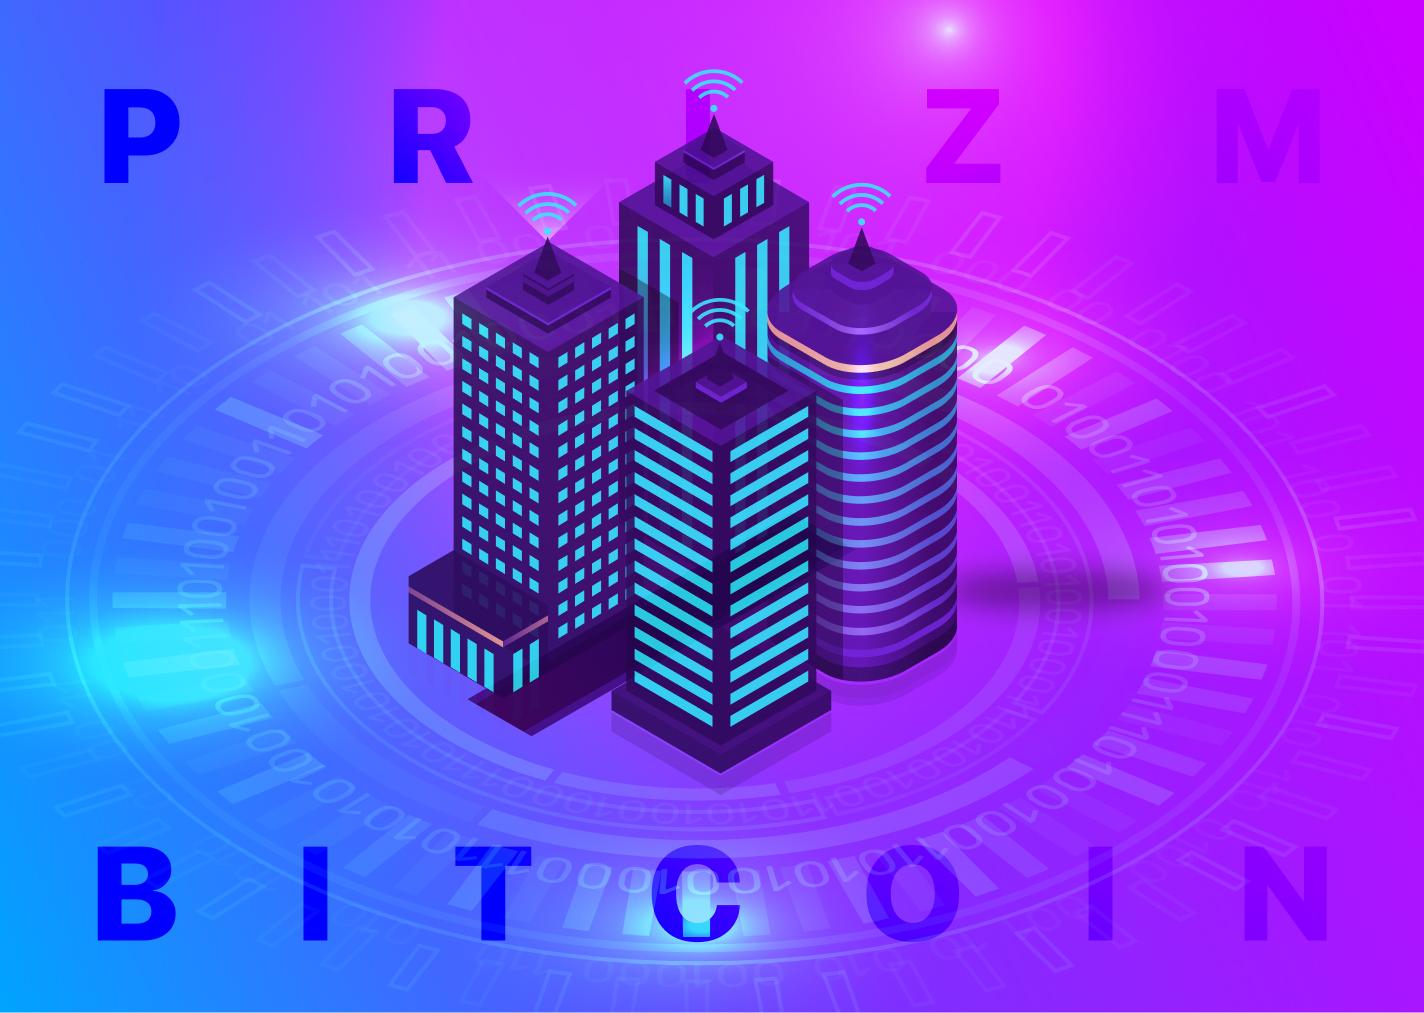 Децентрализация в экономике